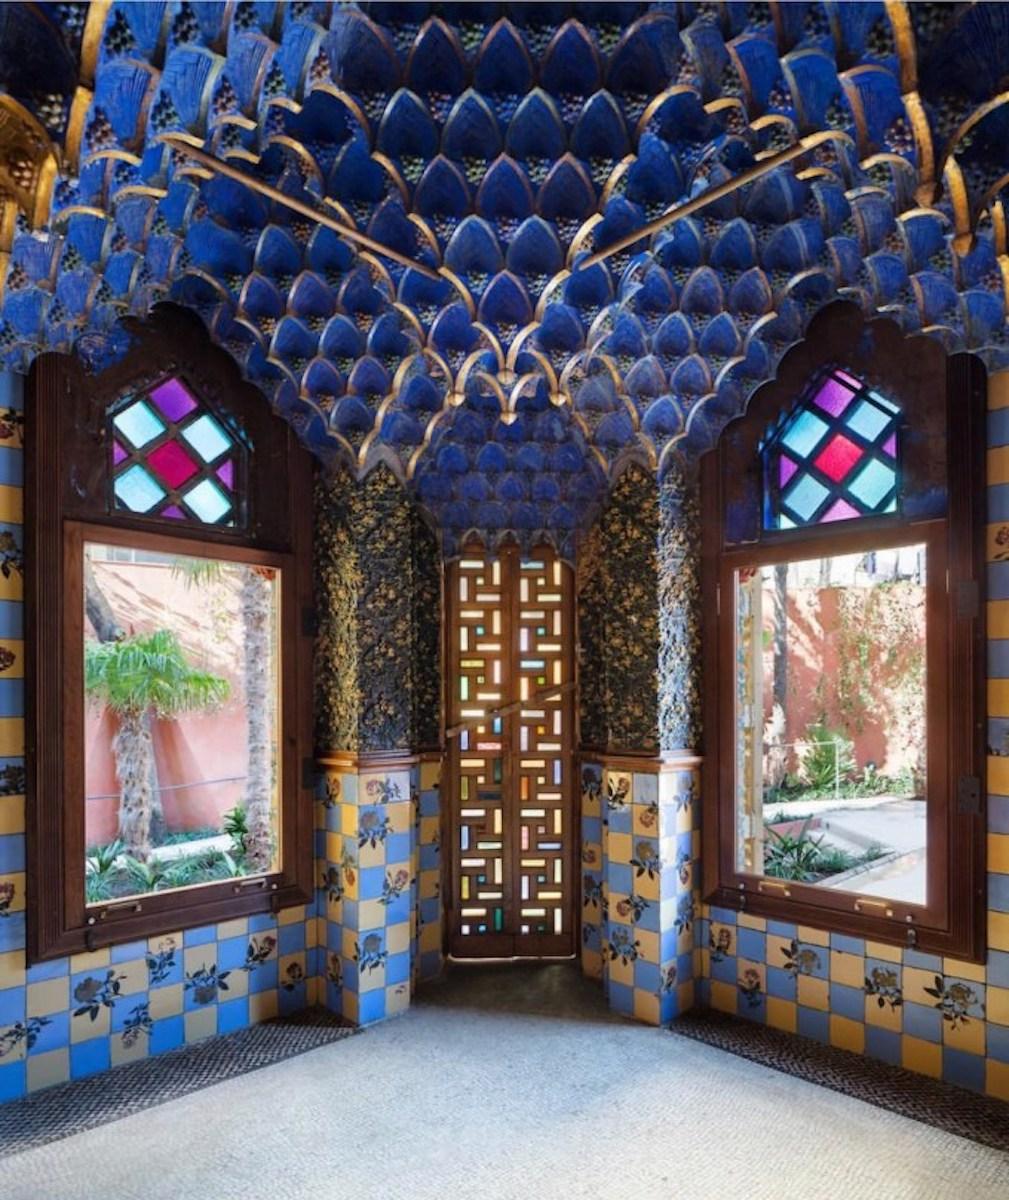 Inside Casa Vicens in Barcelona, Spain.